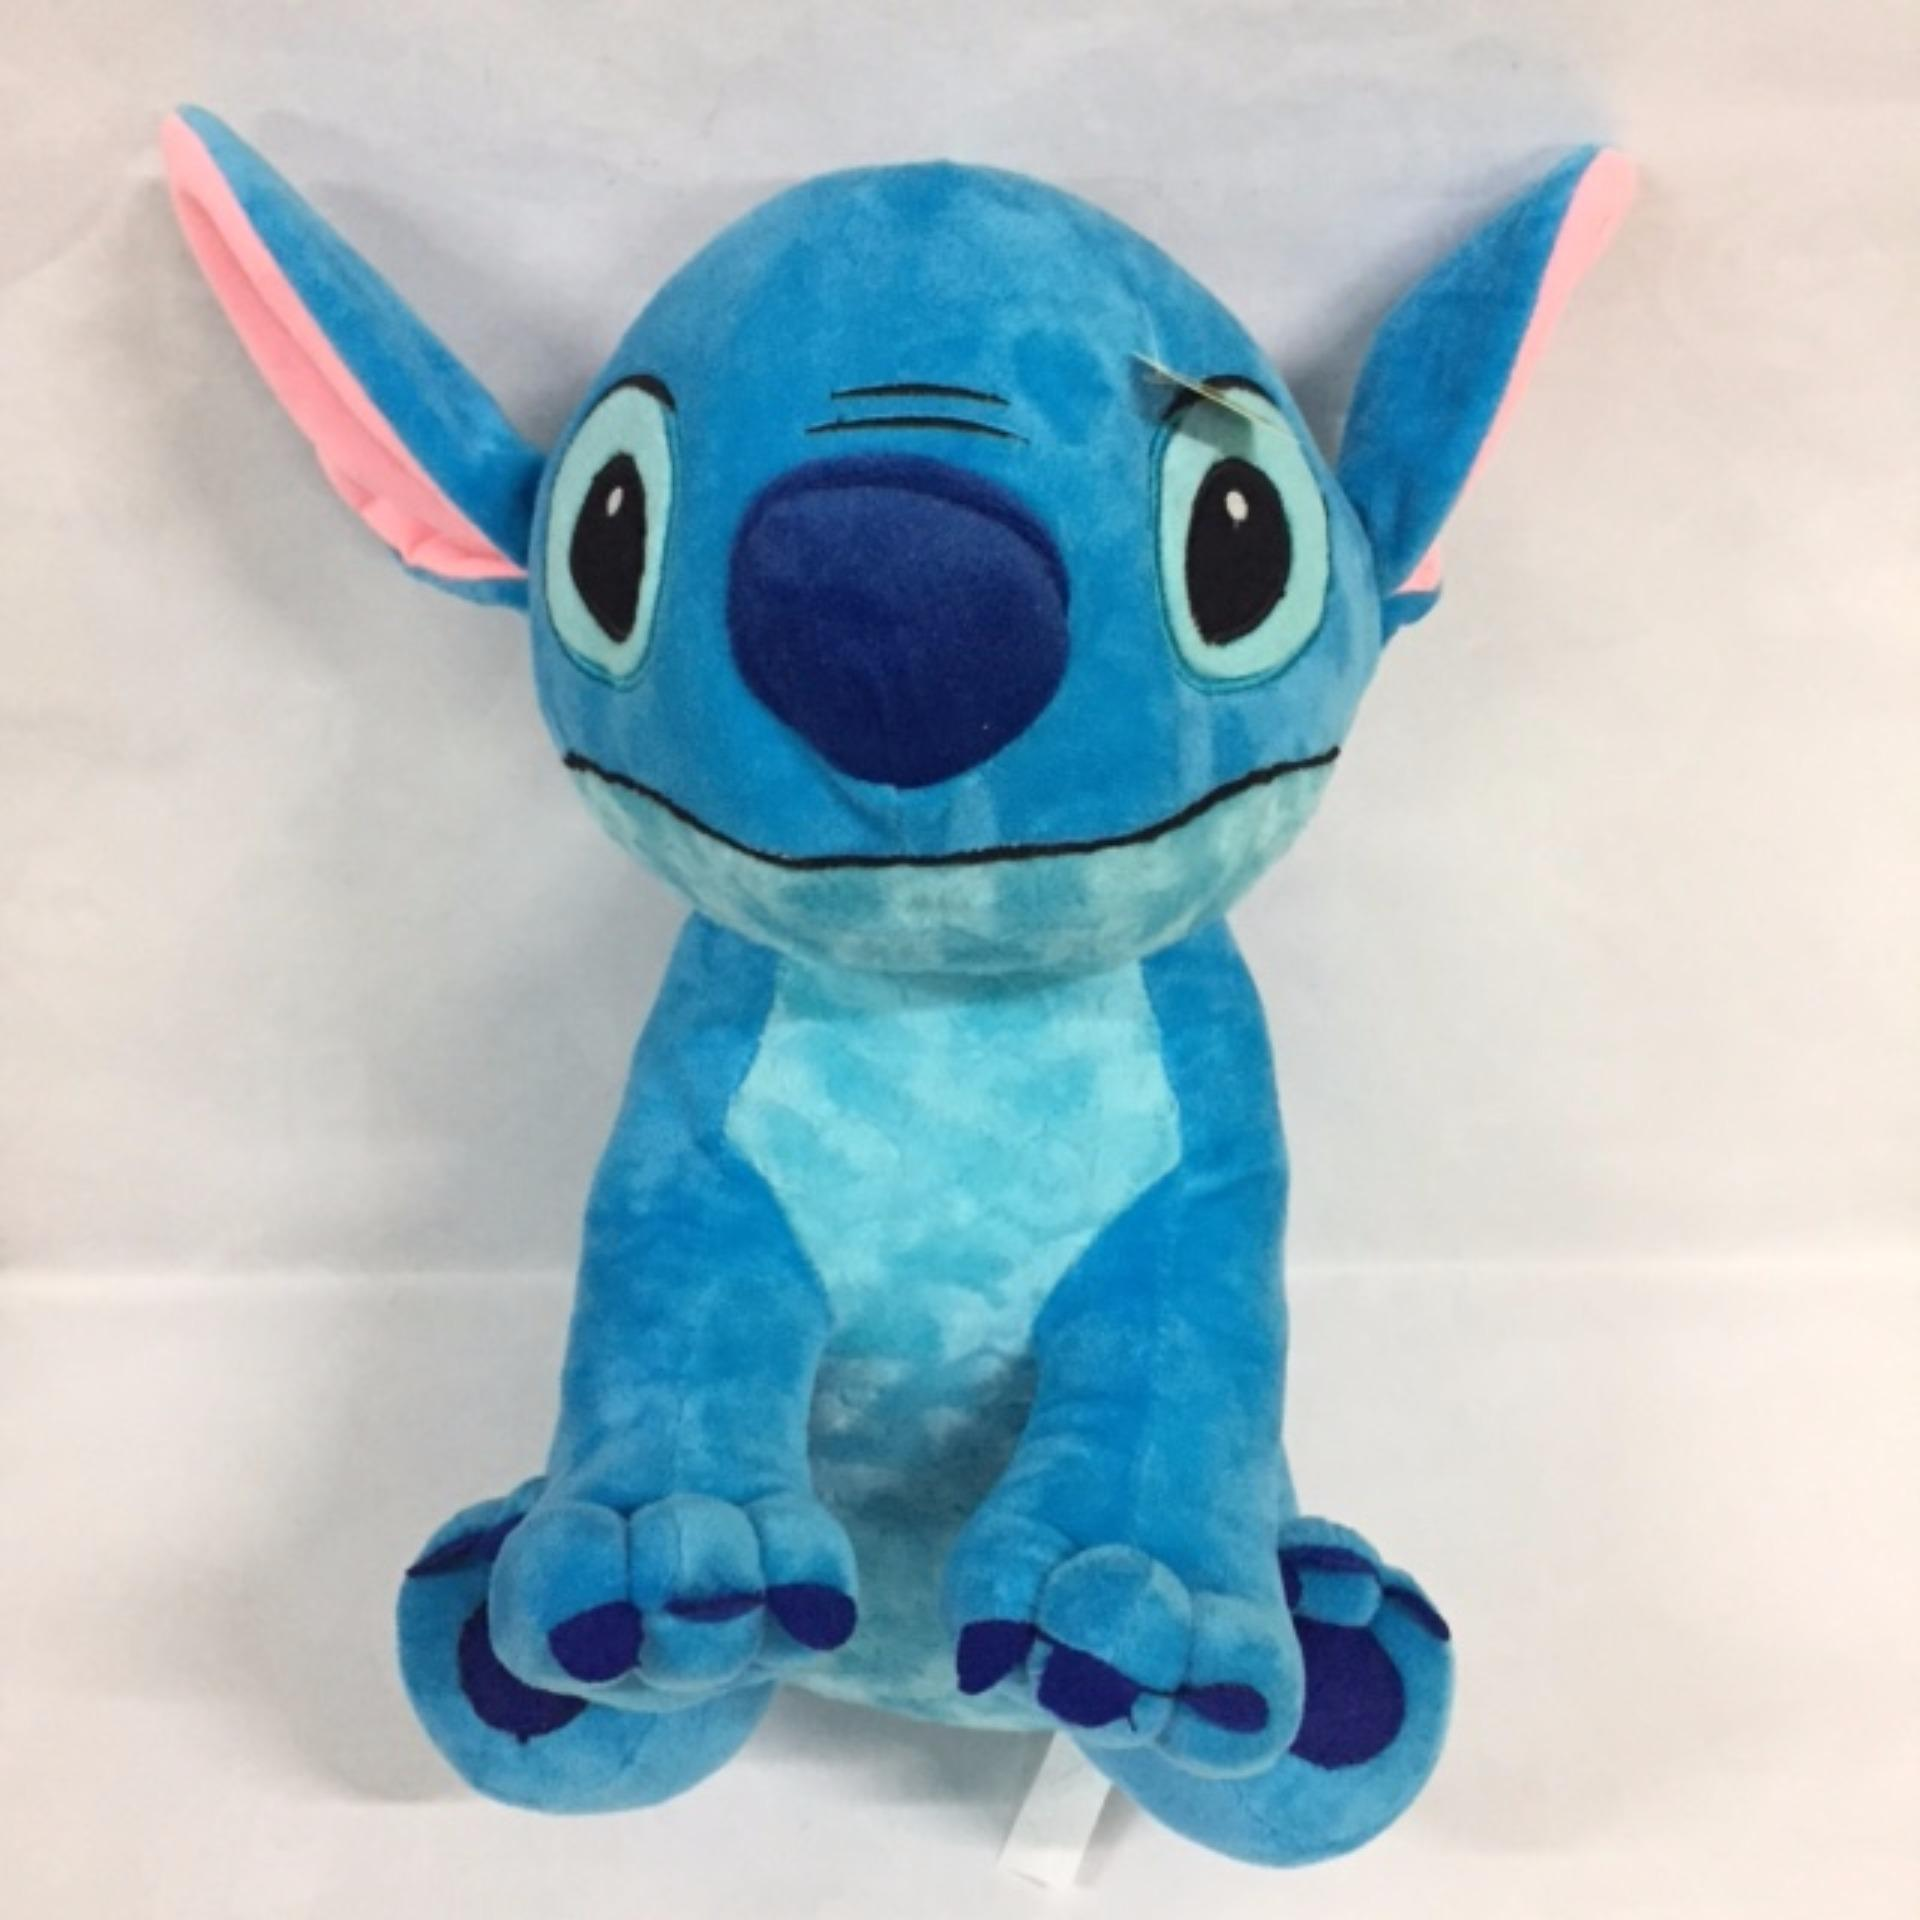 Harga Boneka Dory Blue Tang Fish Finding Original Disney Size Mobil Tayo Besar Ukuran Xl Karakter Stitch